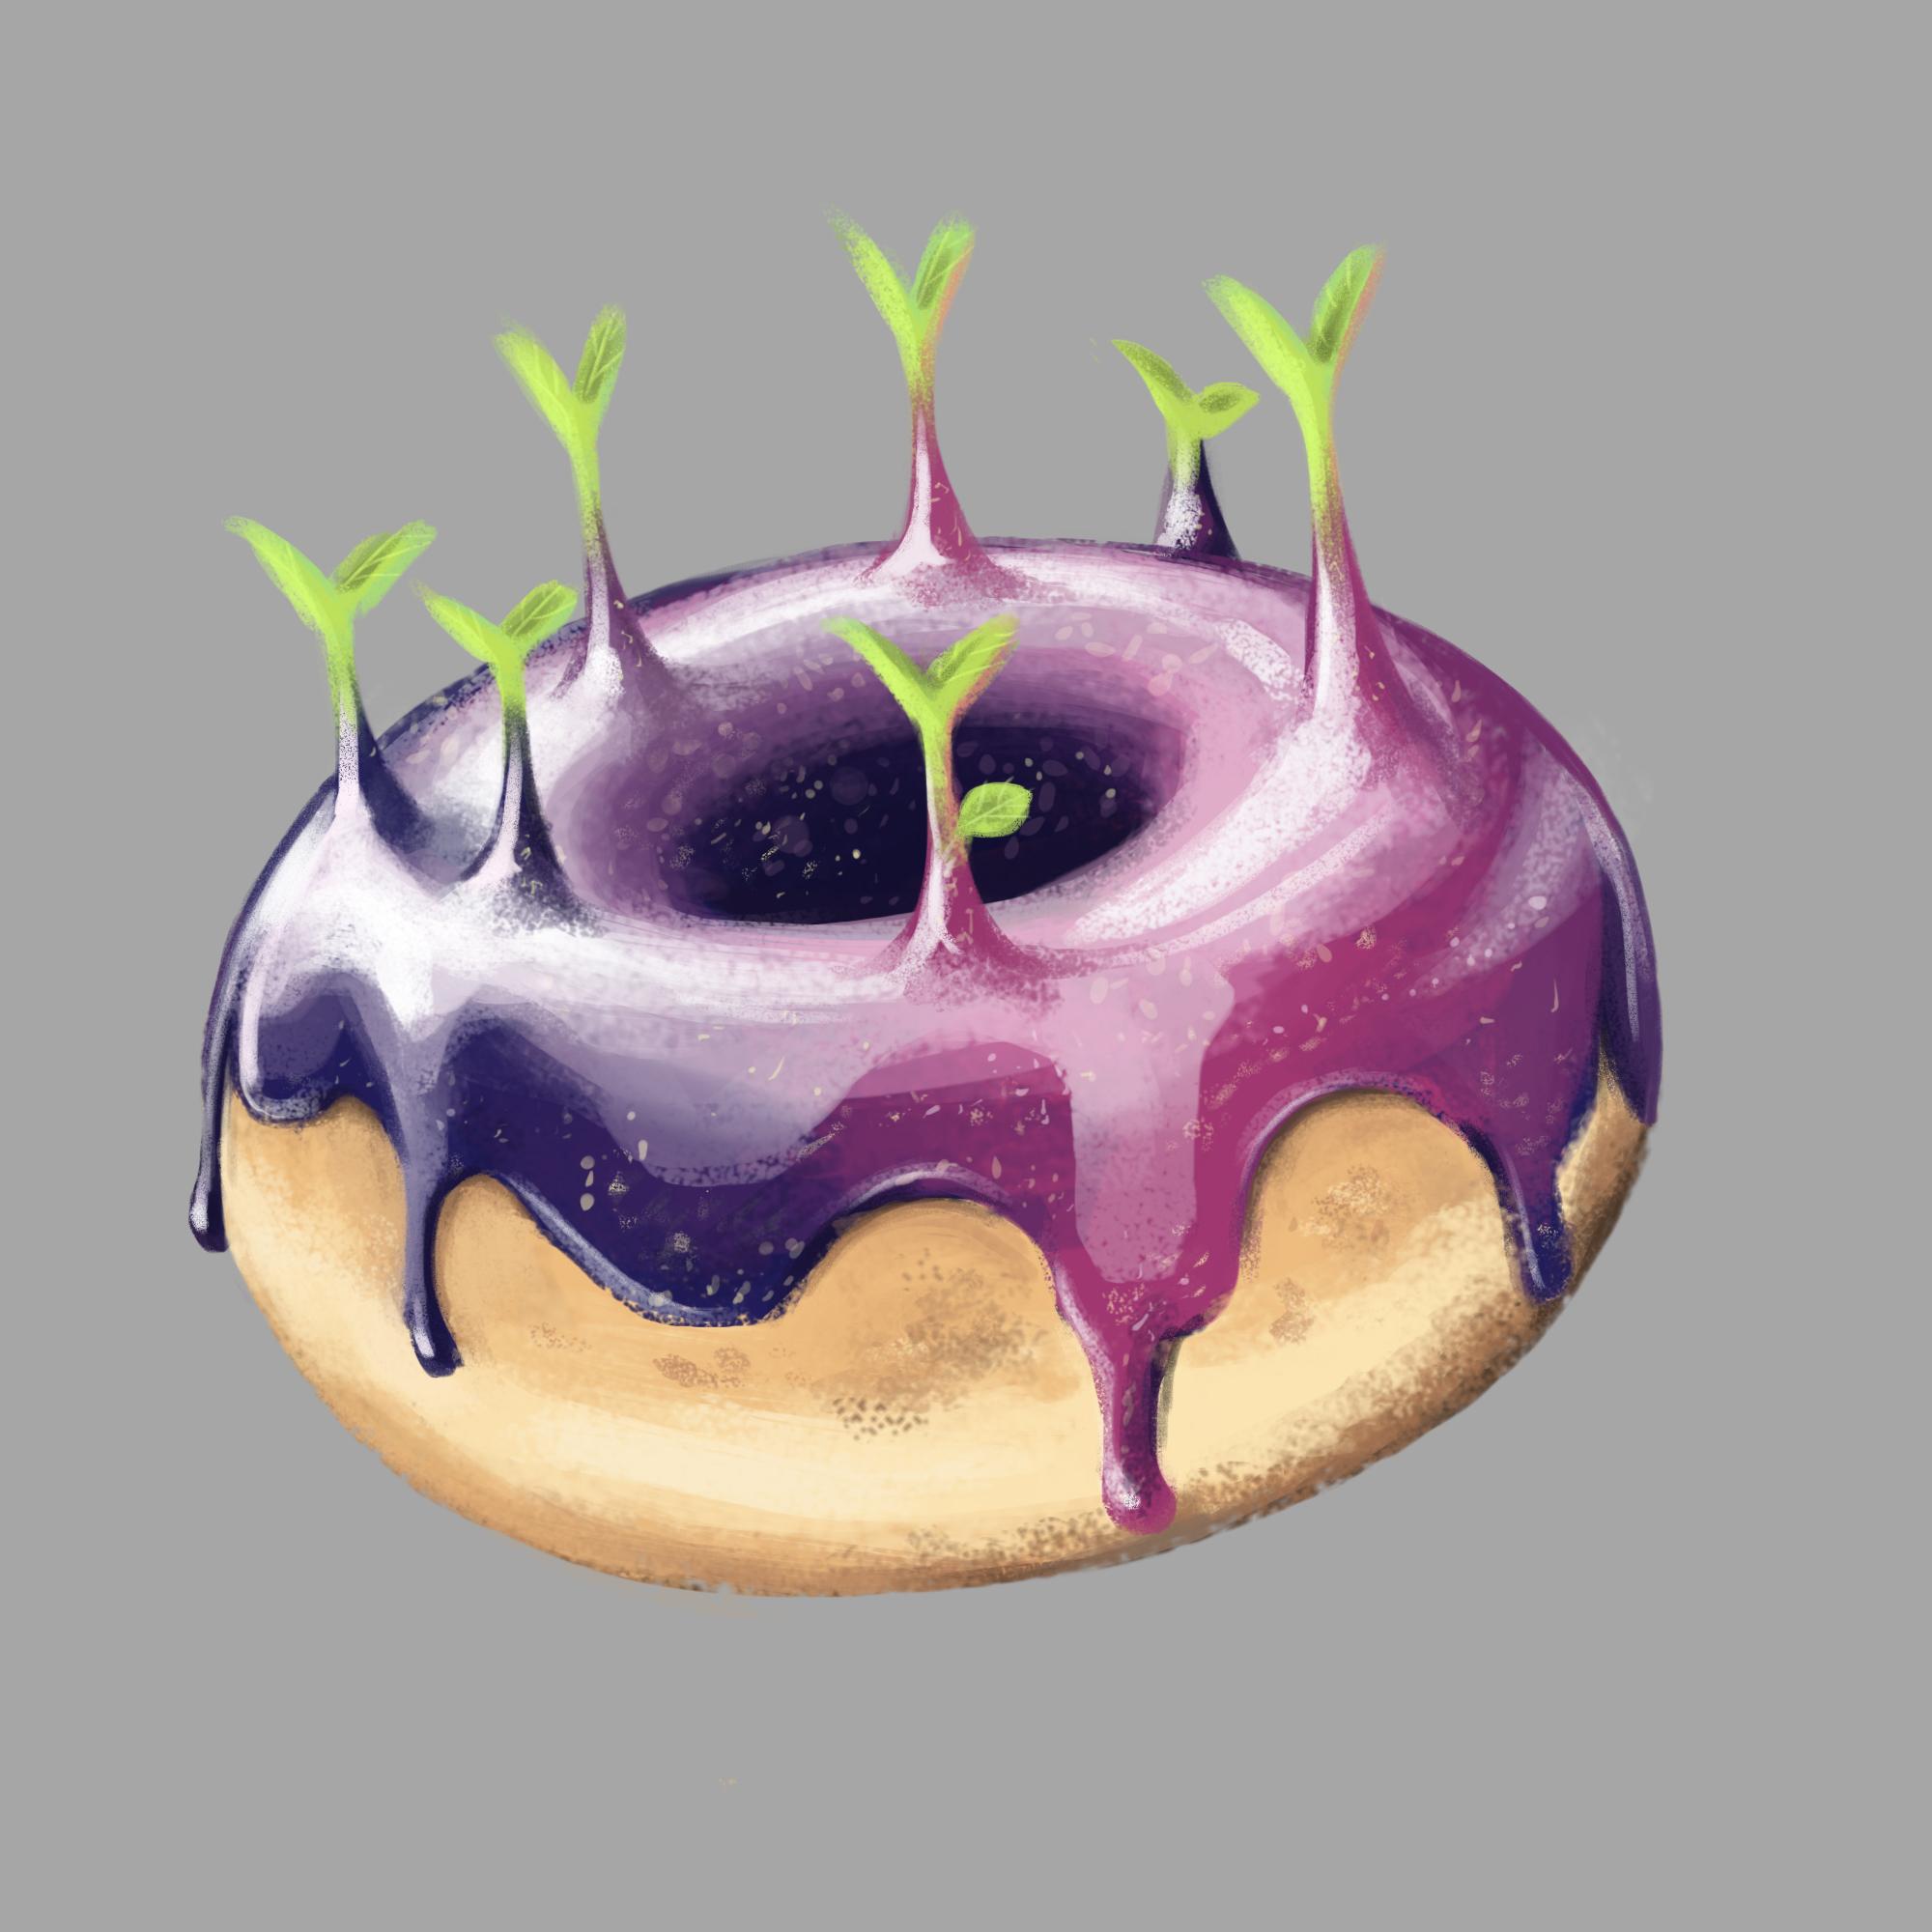 Practice Glazed Donut